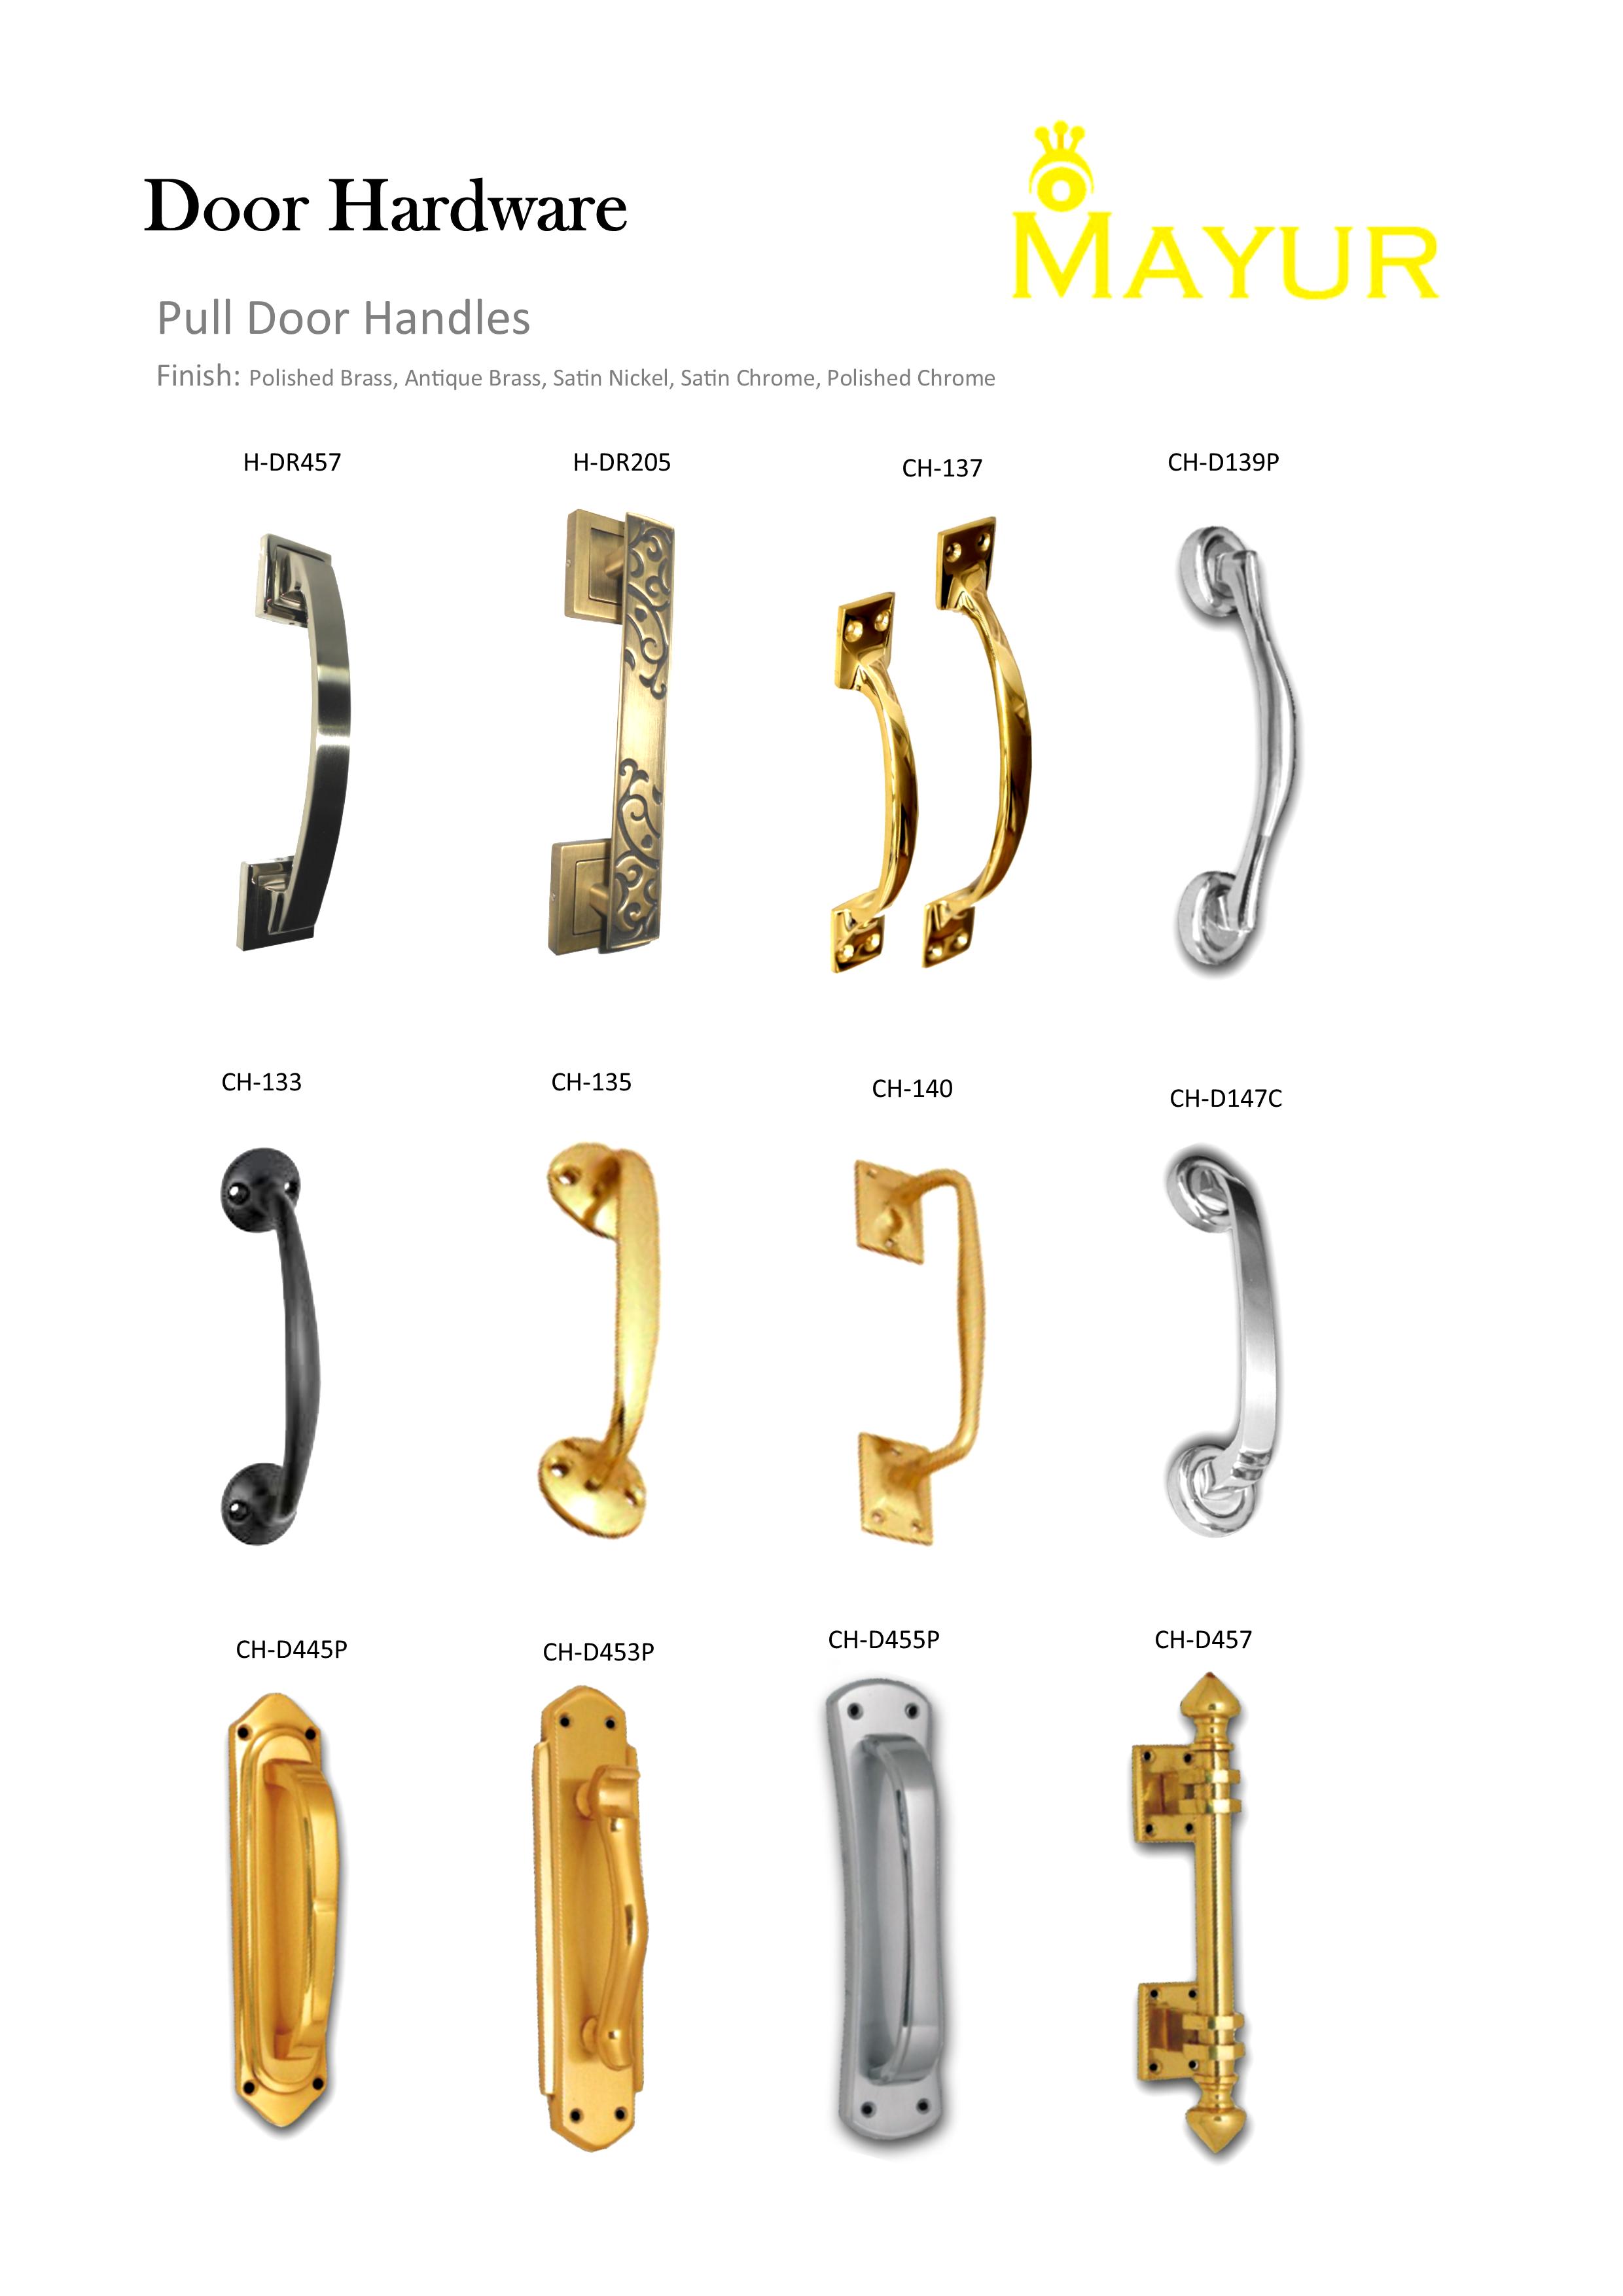 pull door handles. follow us pull door handles  sc 1 st  Systym & Pull Door Handles. FOLLOW US Pull Door Handles - Systym.co